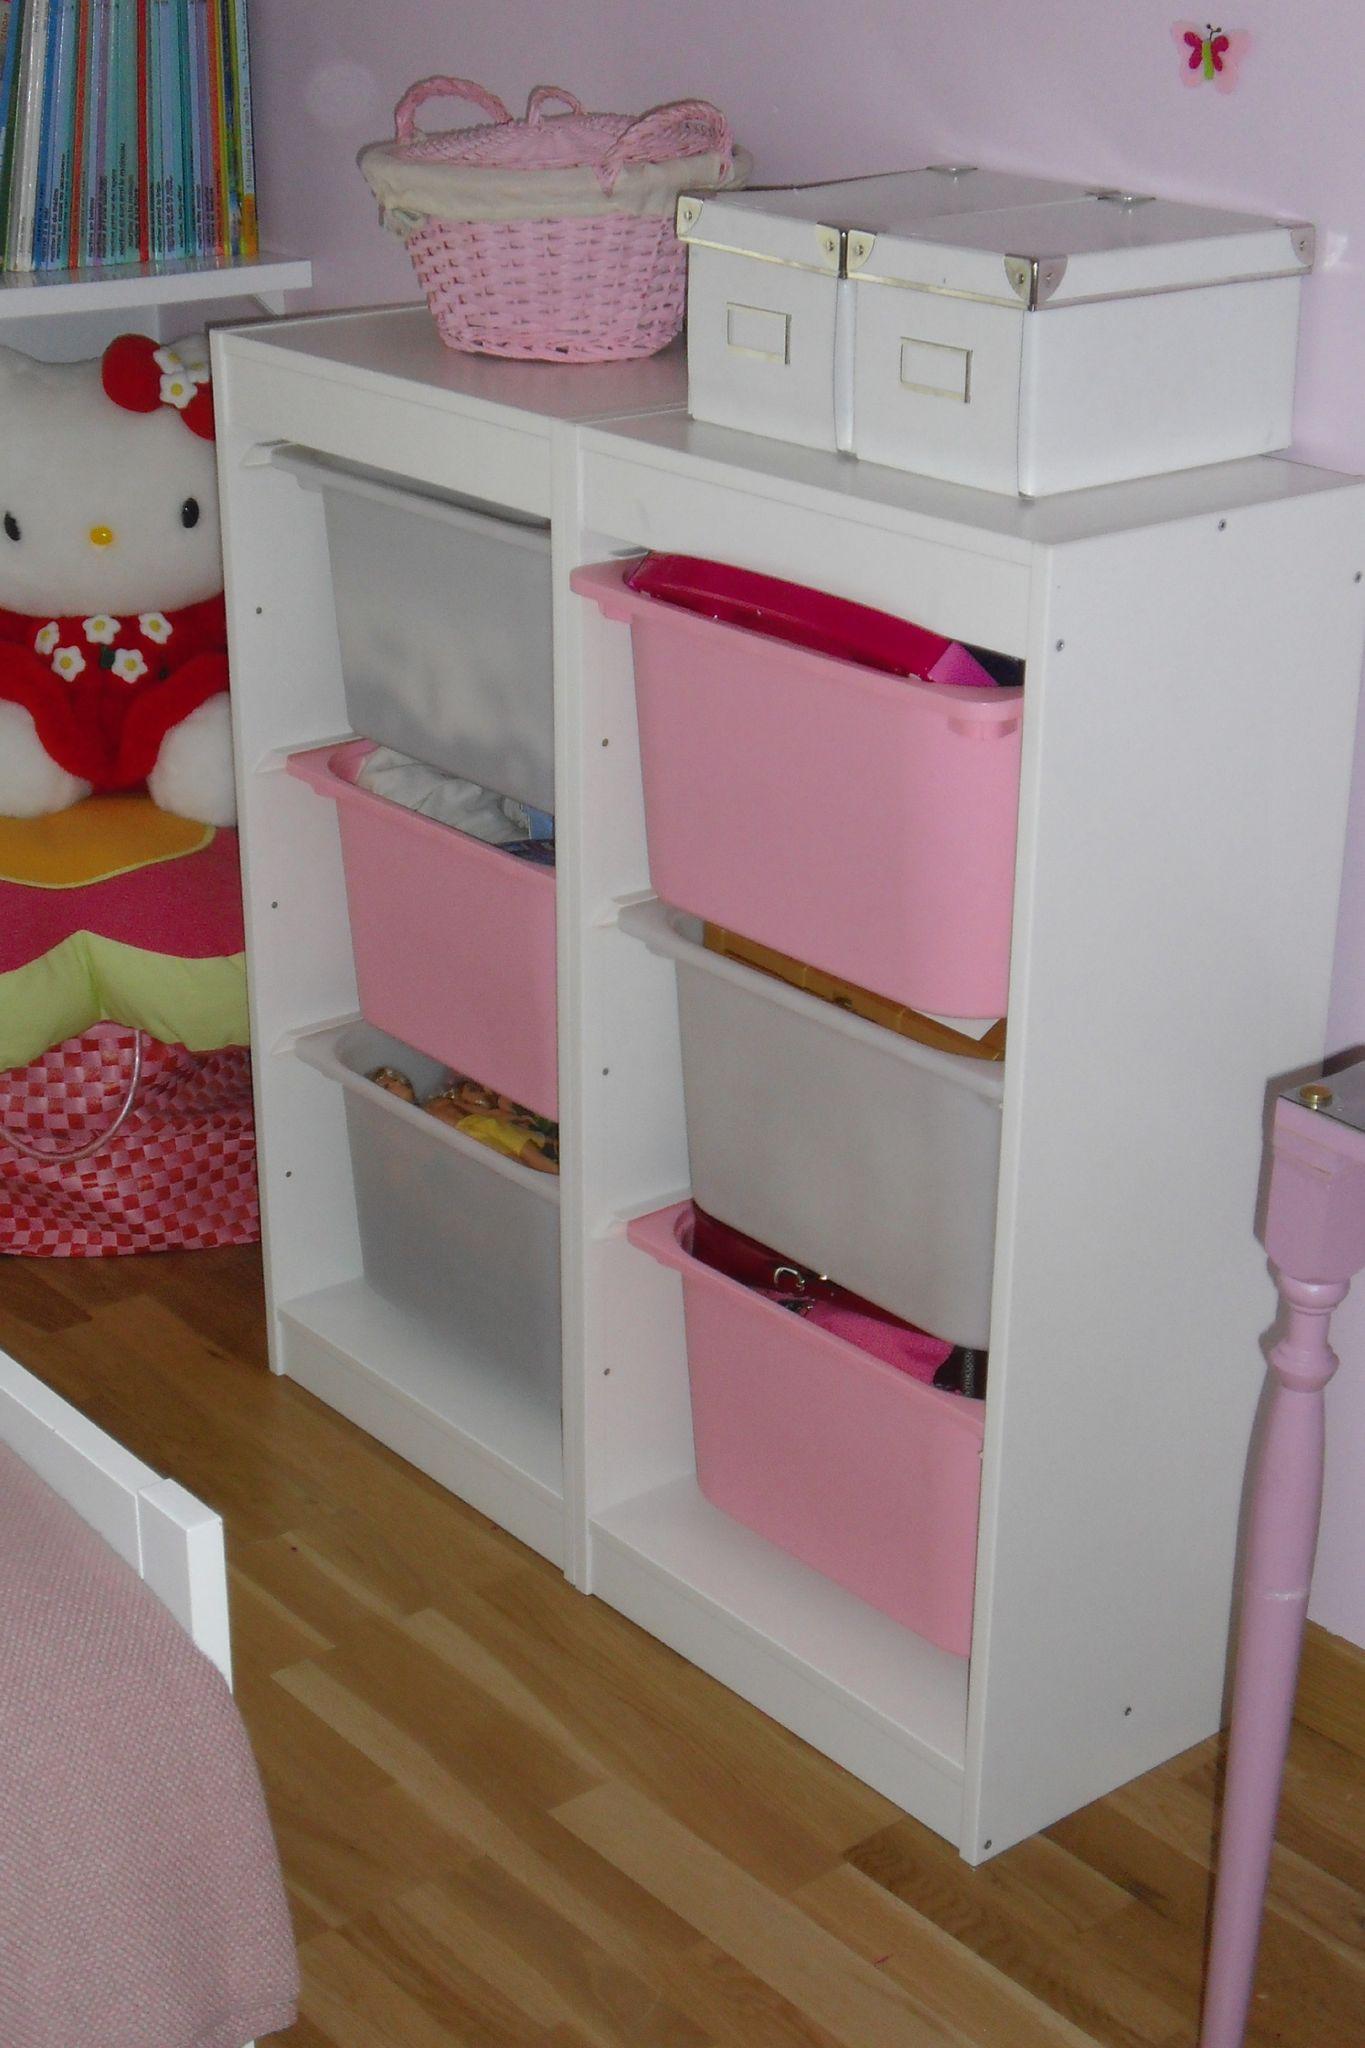 Comment organiser et ranger une chambre d'enfant